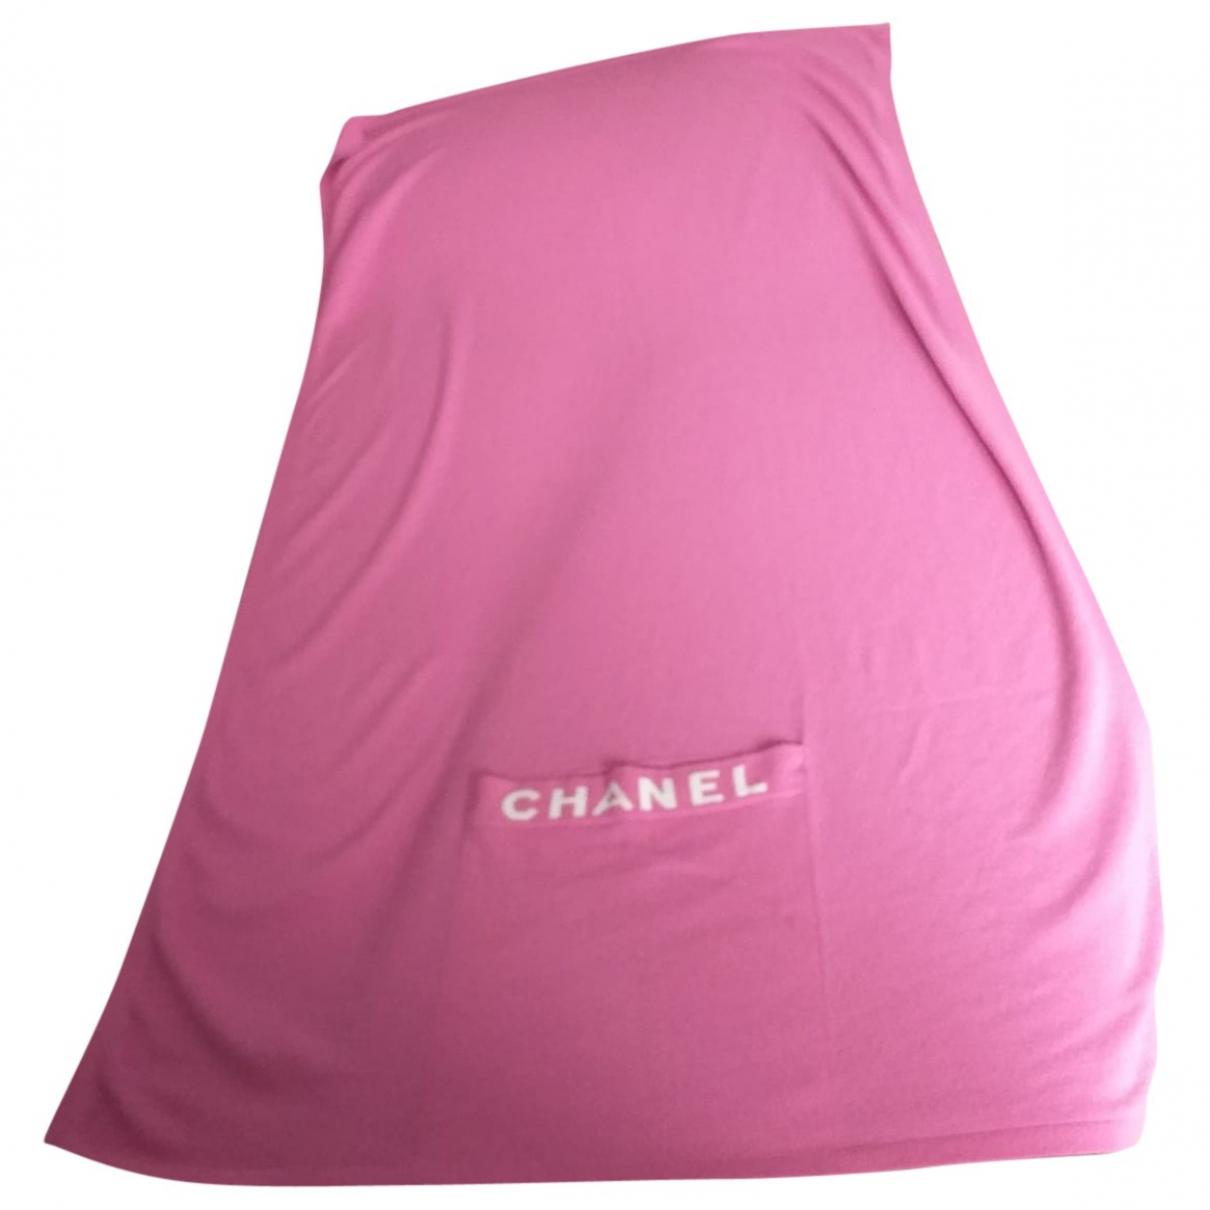 Chanel - Linge de maison   pour lifestyle en cachemire - rose